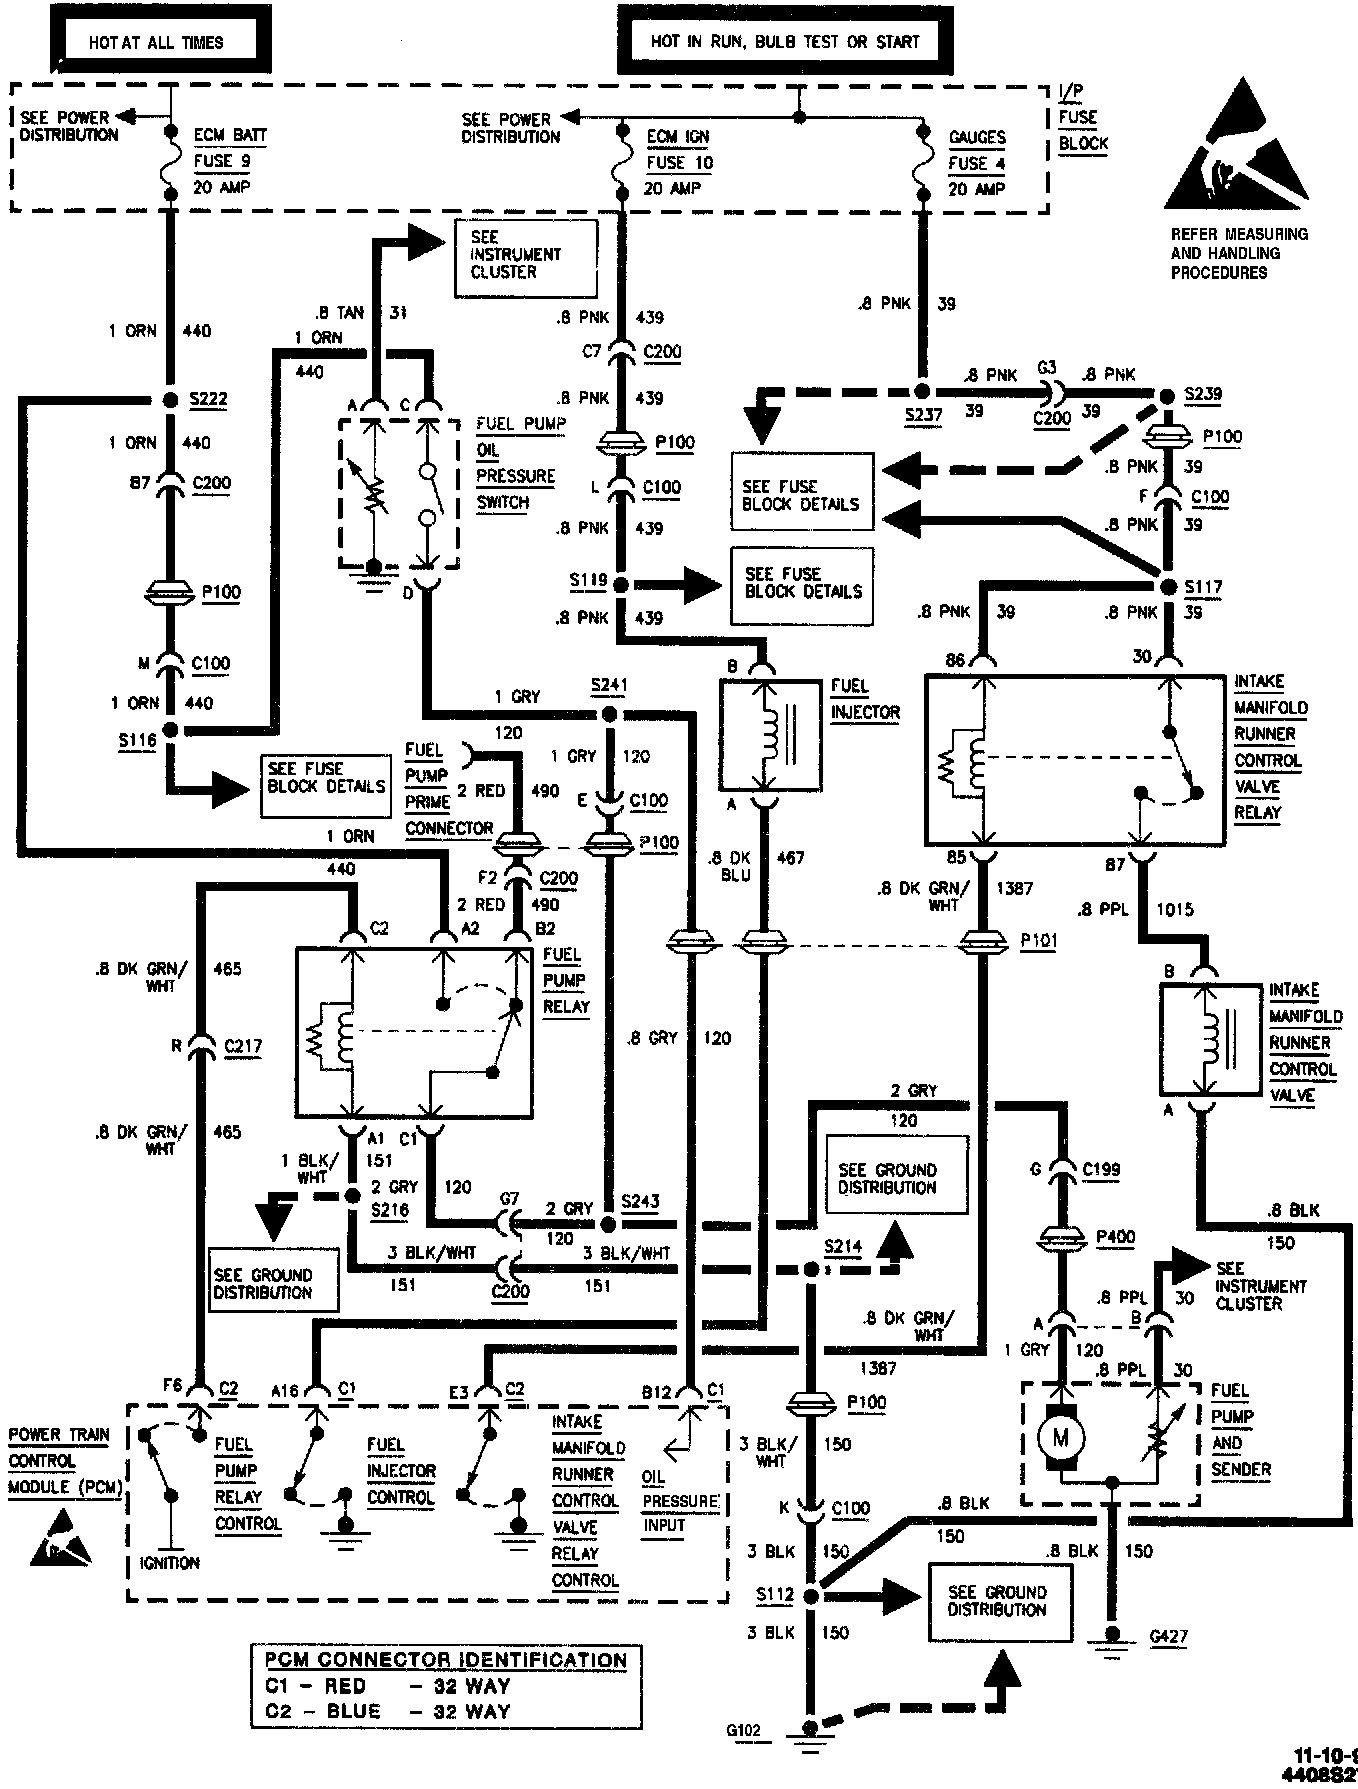 Cx500 Wiring Diagram Inspirational In 2020 Diagram Design Diagram Visualisation Diagram